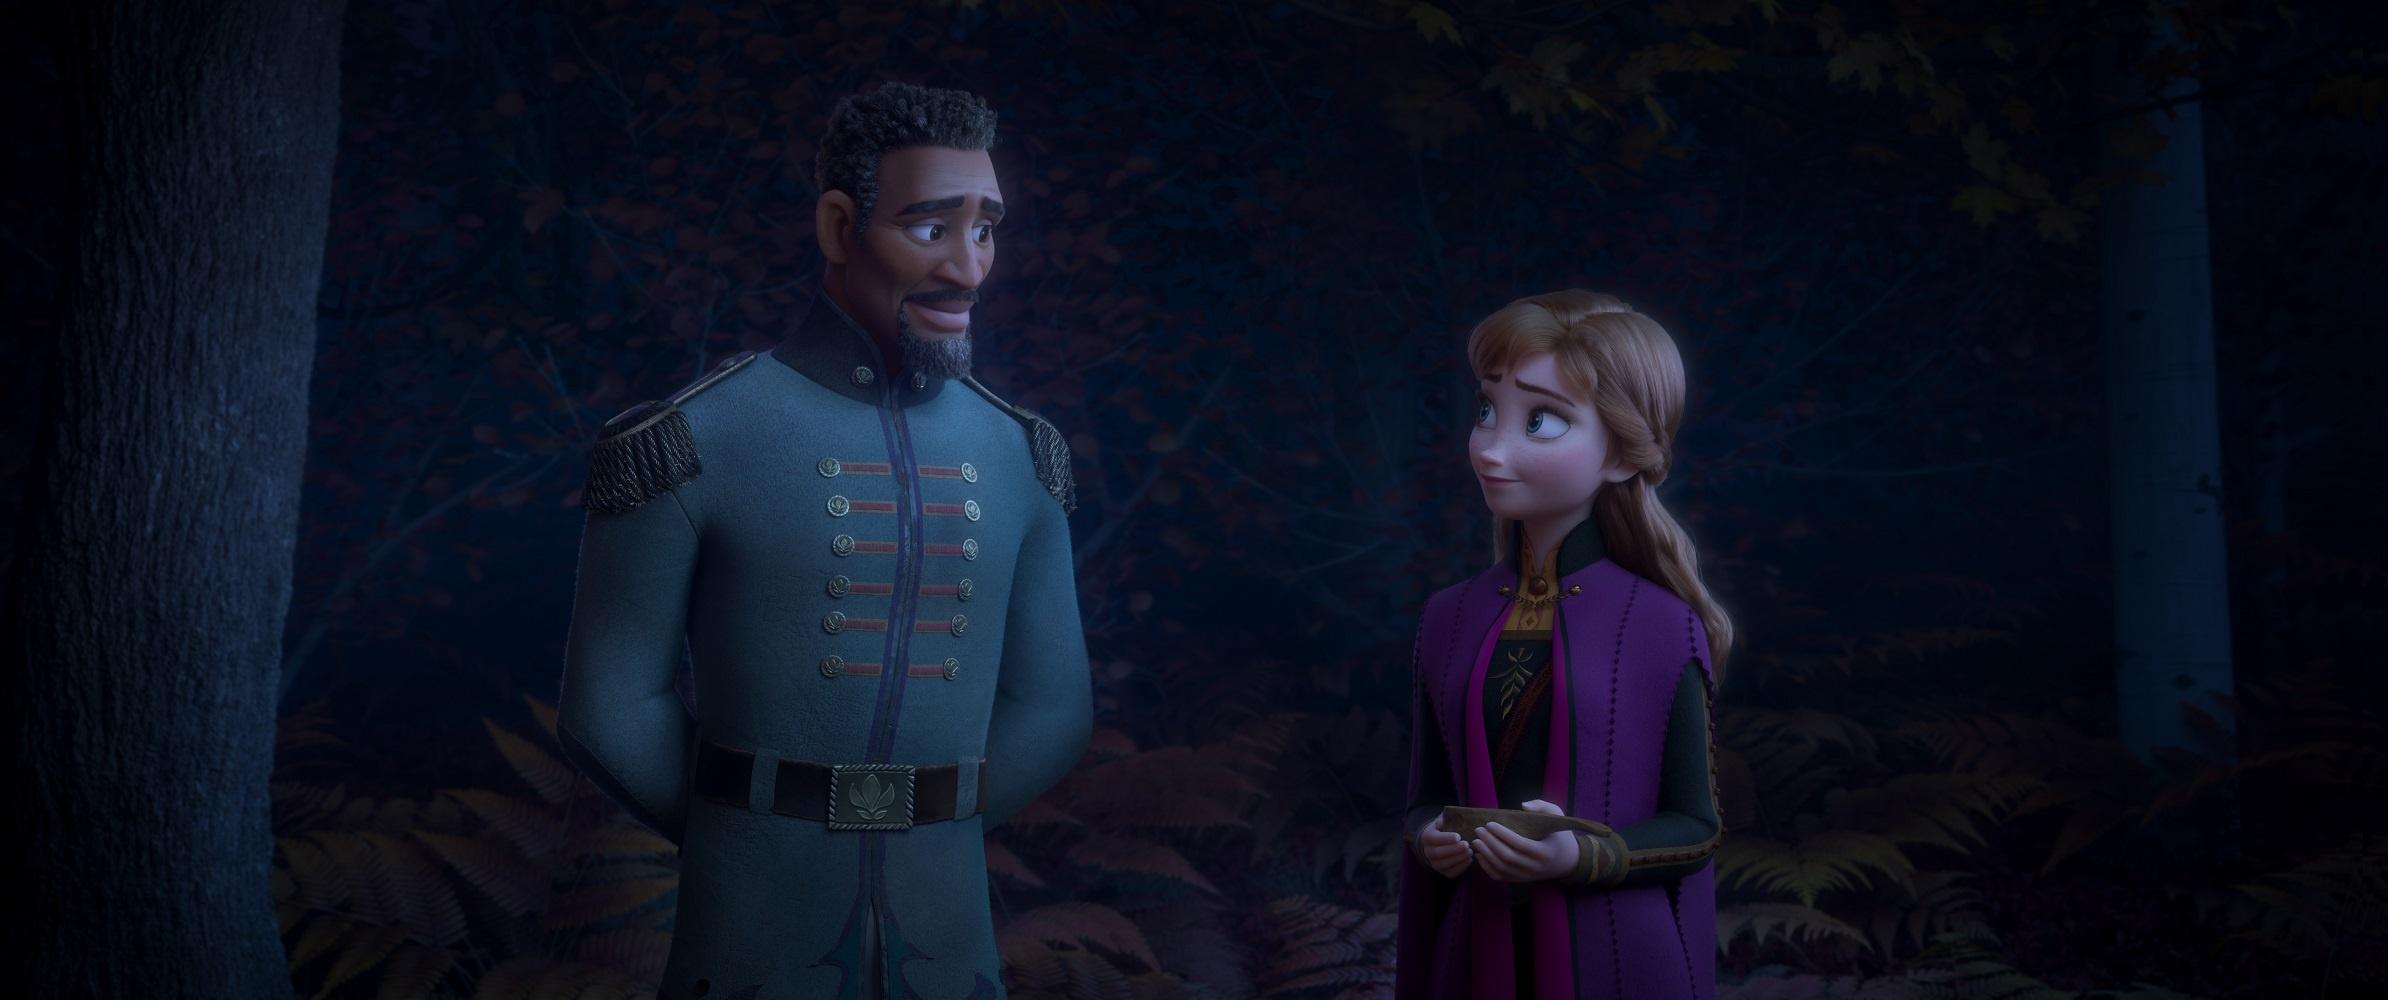 """アナと一緒にいる新キャラクターは""""マティアス少尉""""なのか!?"""